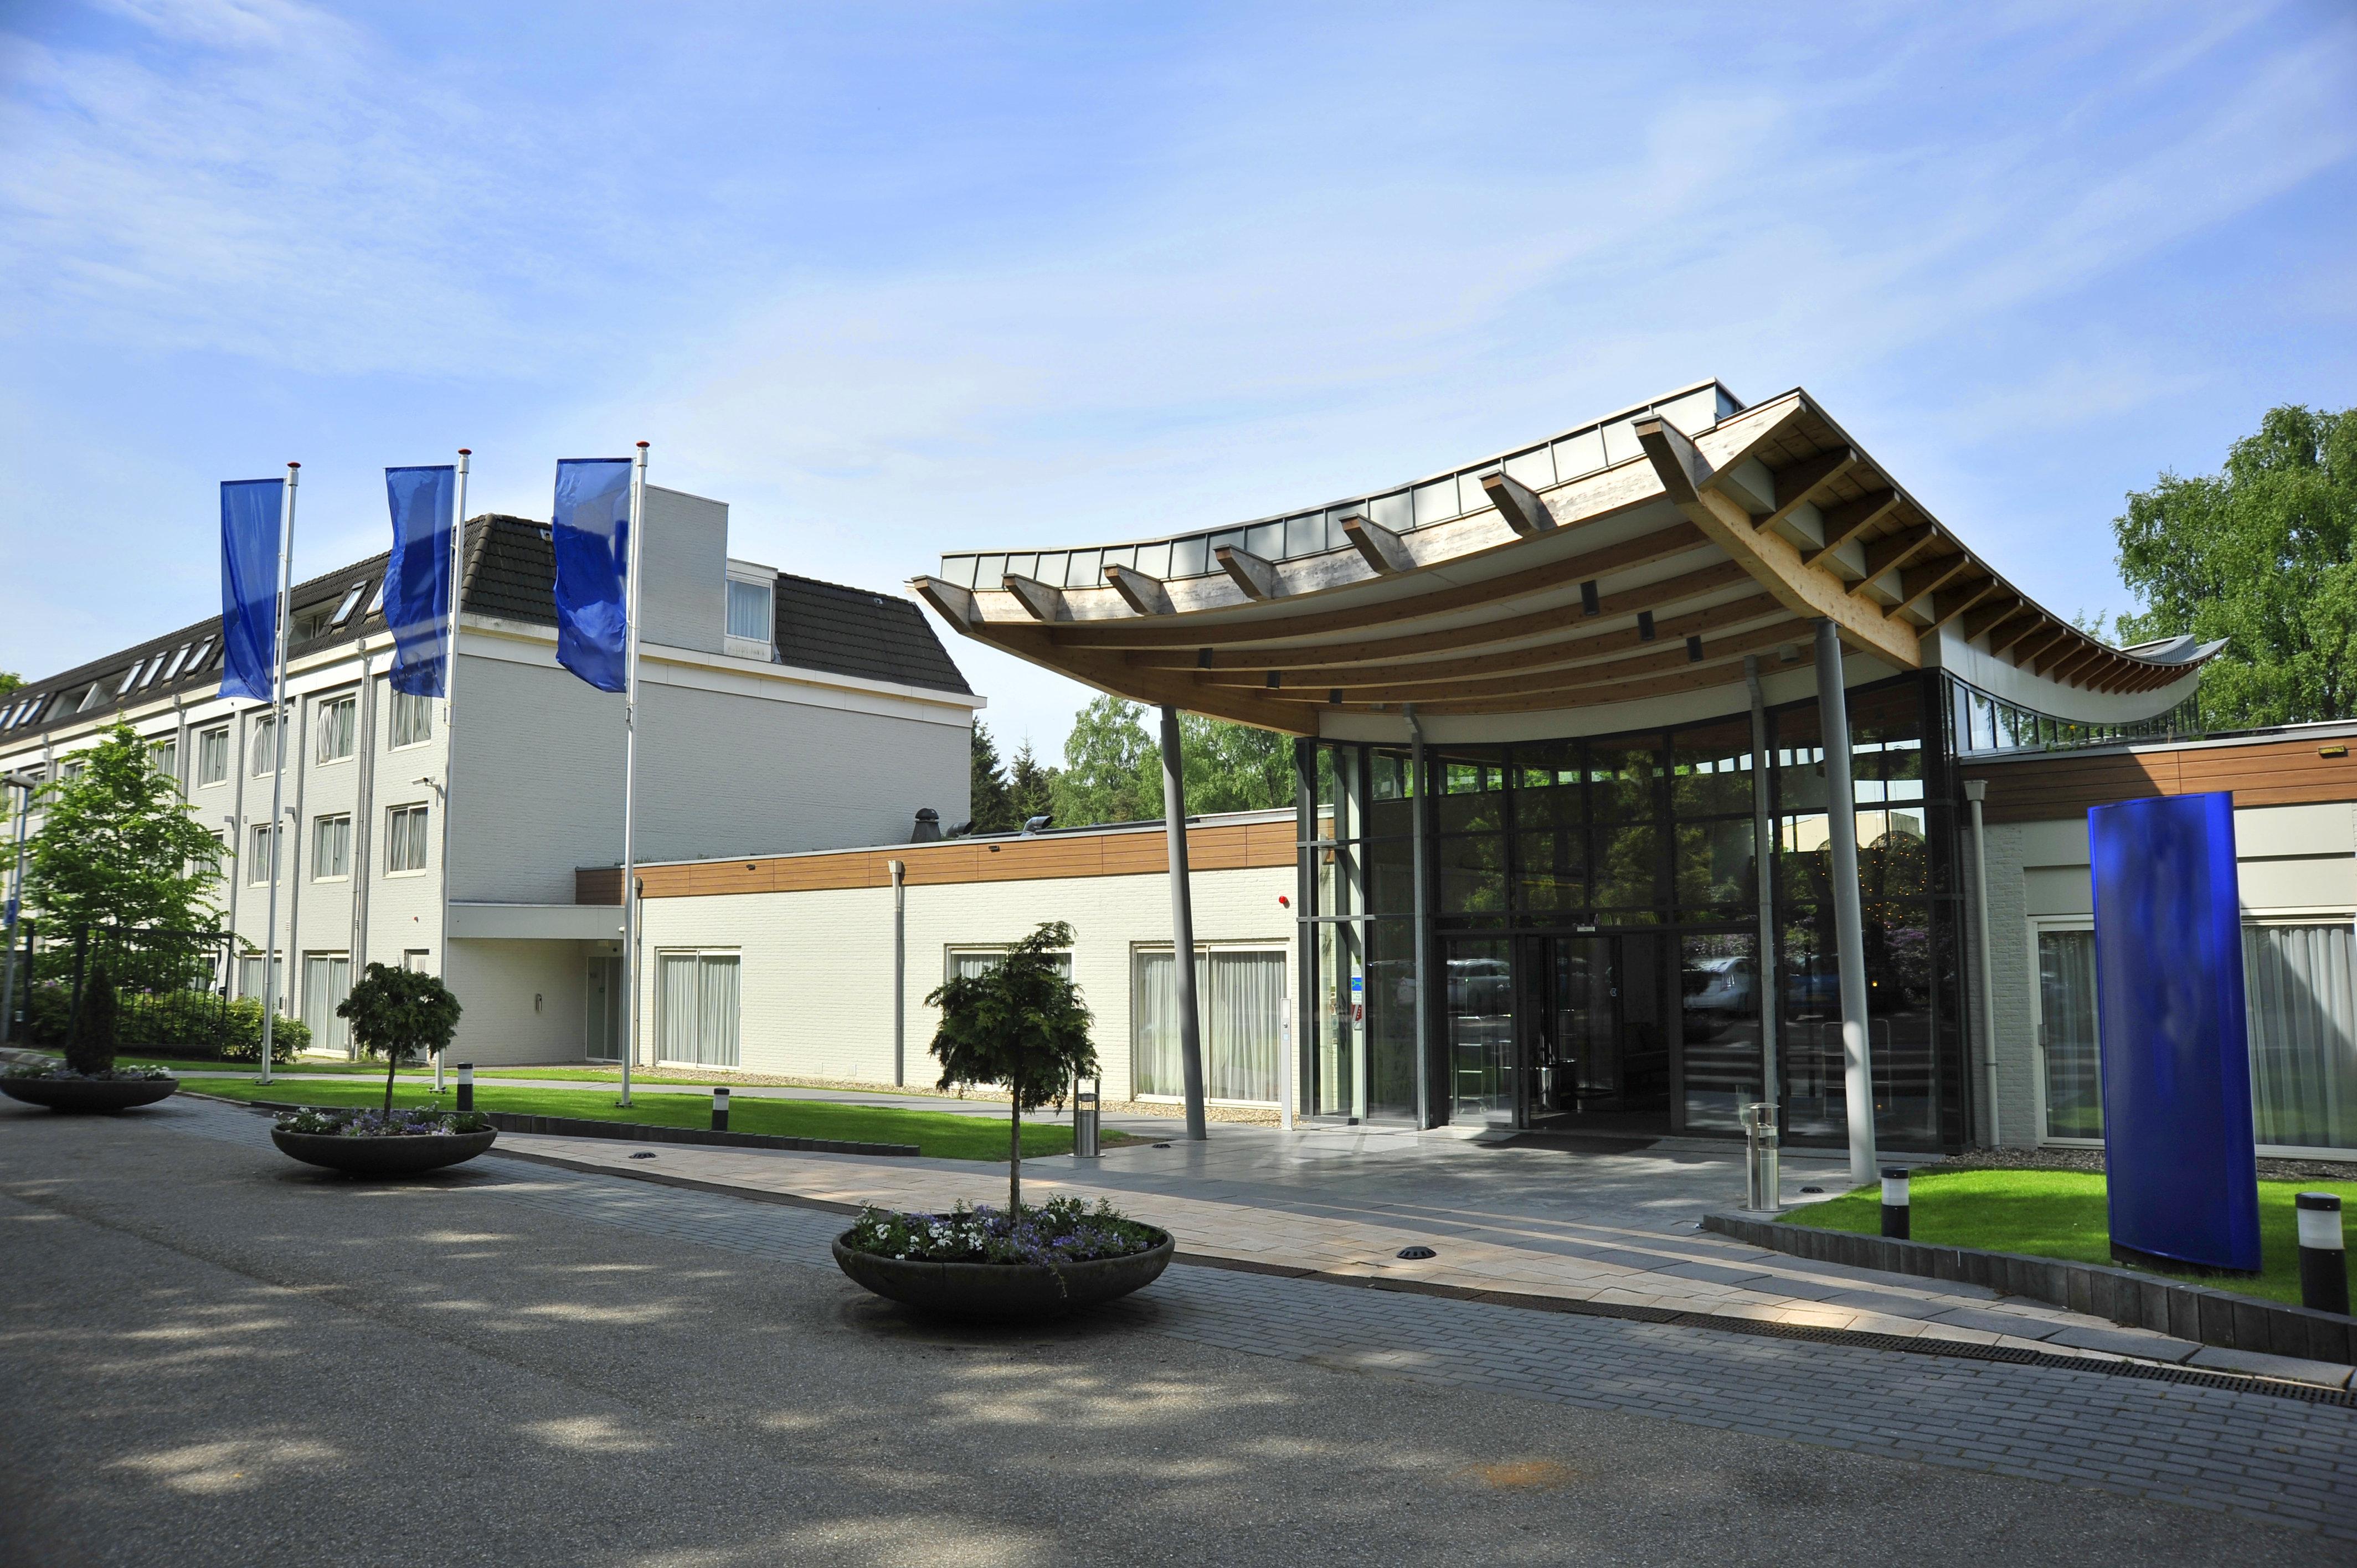 Fletcher Hotel-Doorwerth-Arnhem